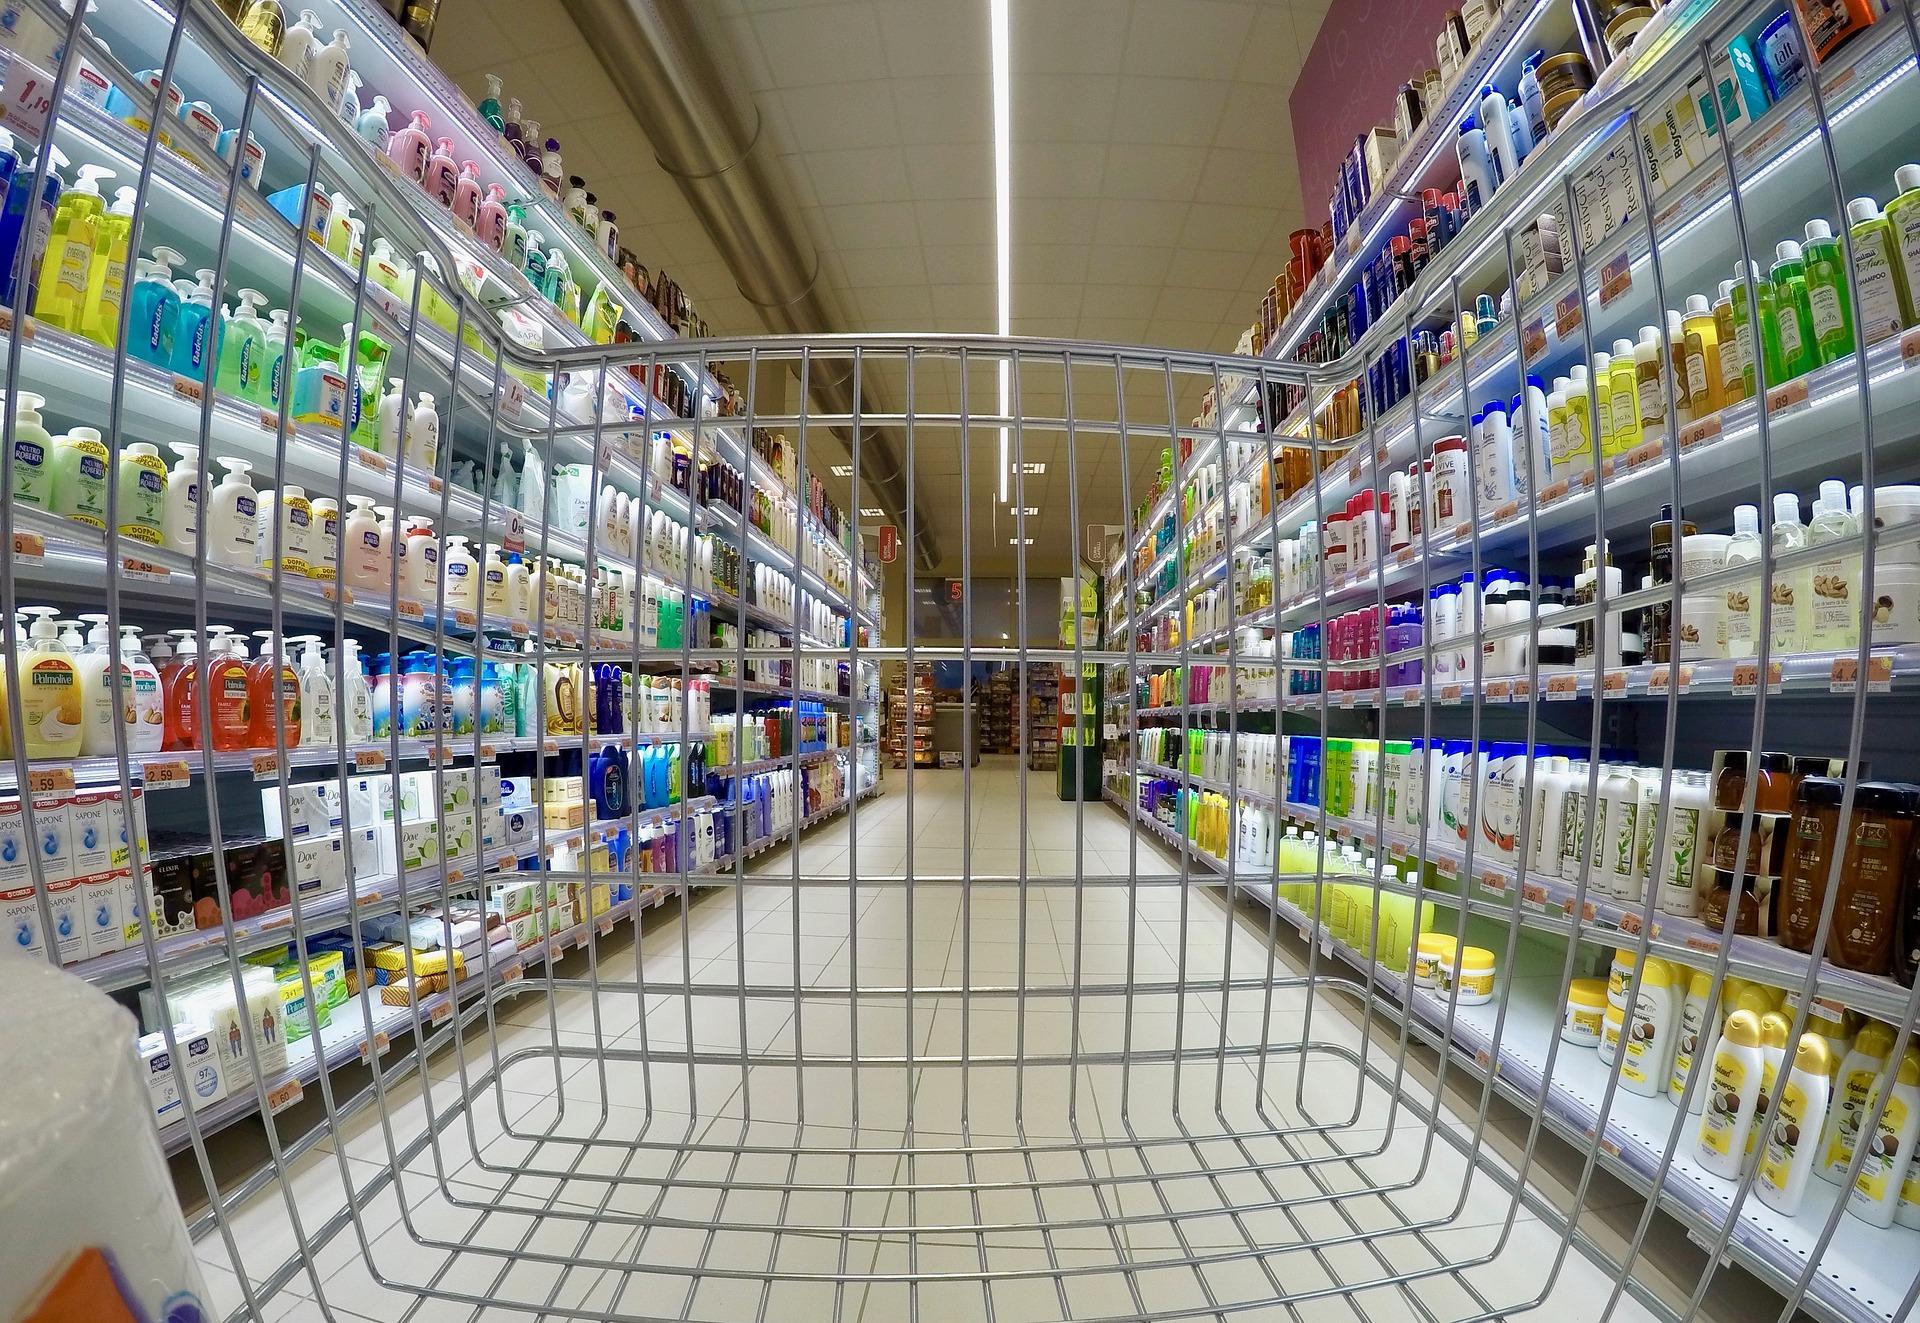 5 semplici strategie di marketing per supermercati